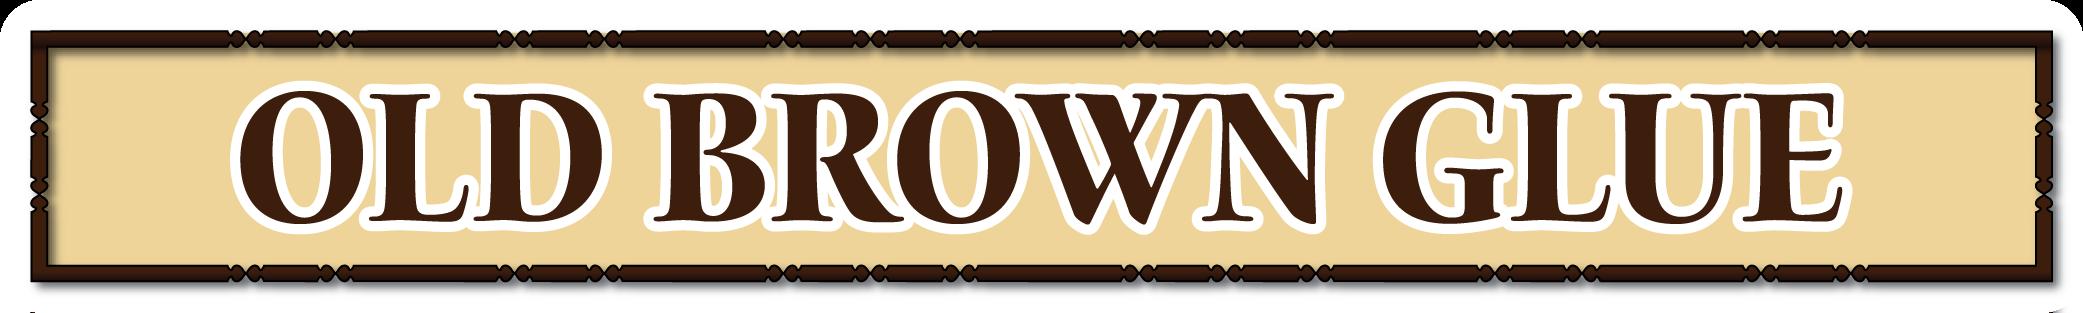 oldbrownglue